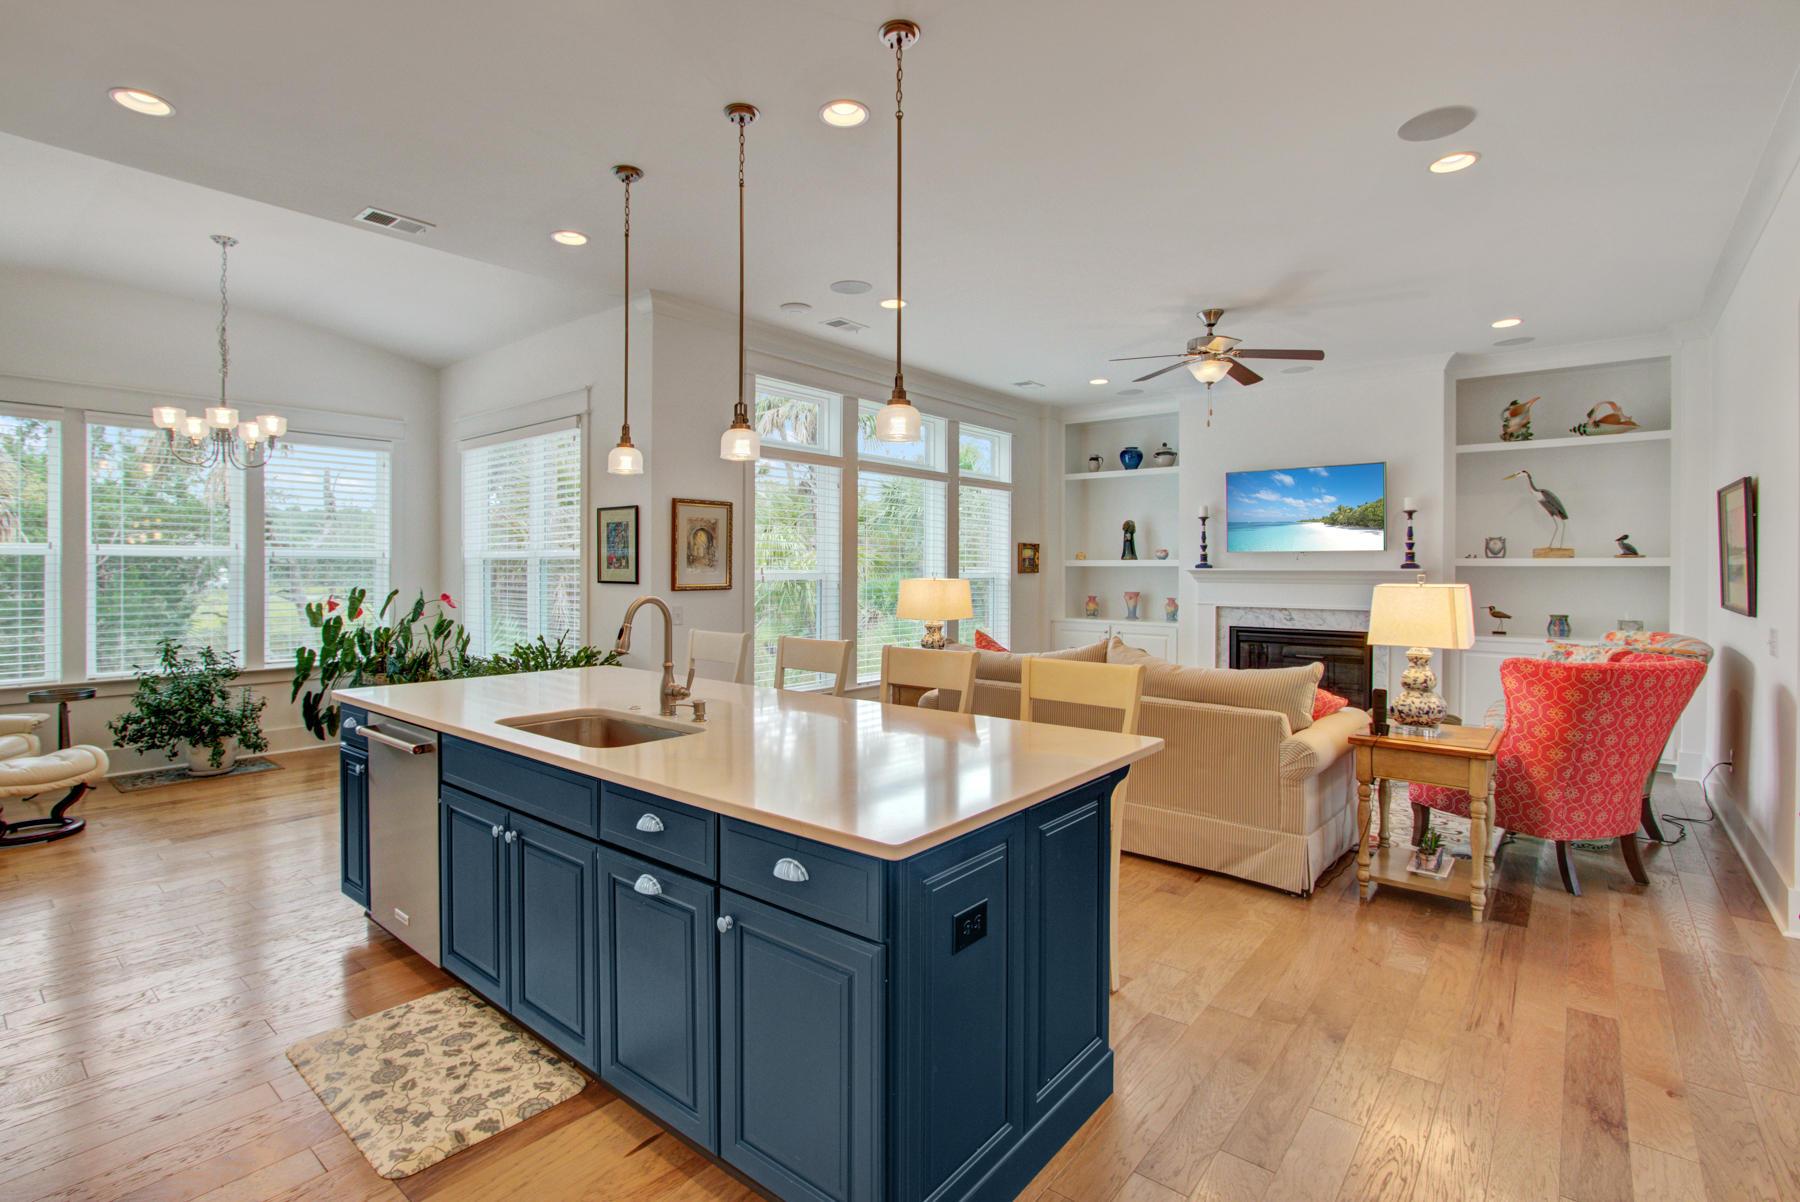 Dunes West Homes For Sale - 2984 Yachtsman, Mount Pleasant, SC - 53